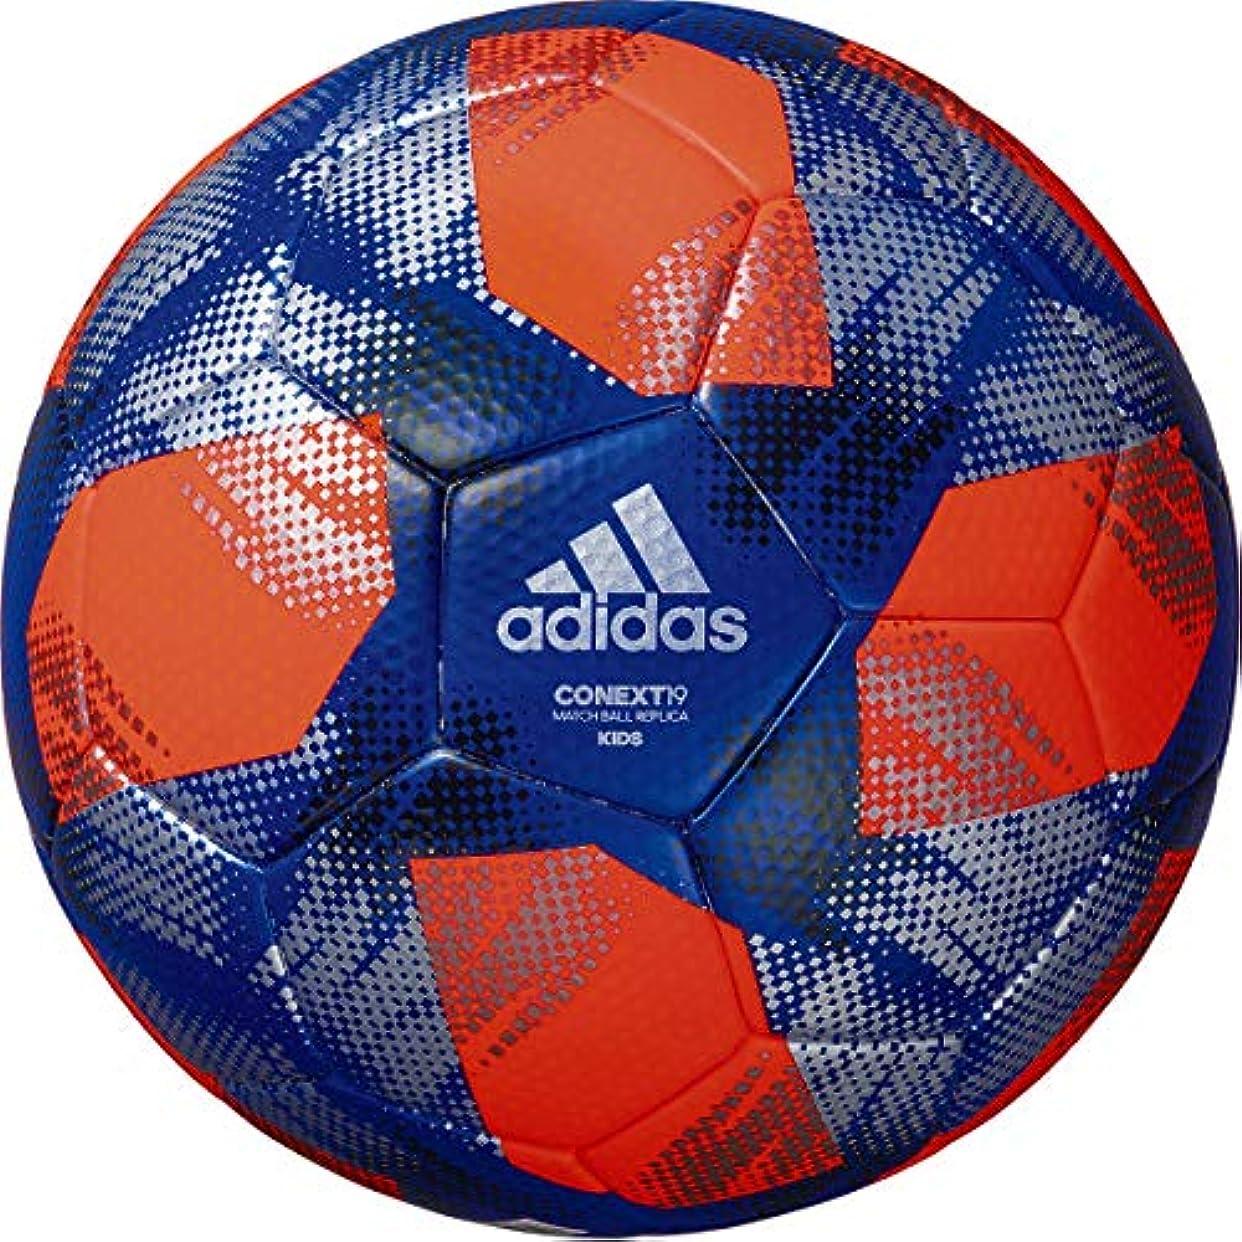 倒産負担合図adidas(アディダス) サッカーボール 小学生用 コネクト19 キッズ パワーオレンジ 4号球 AF400OR